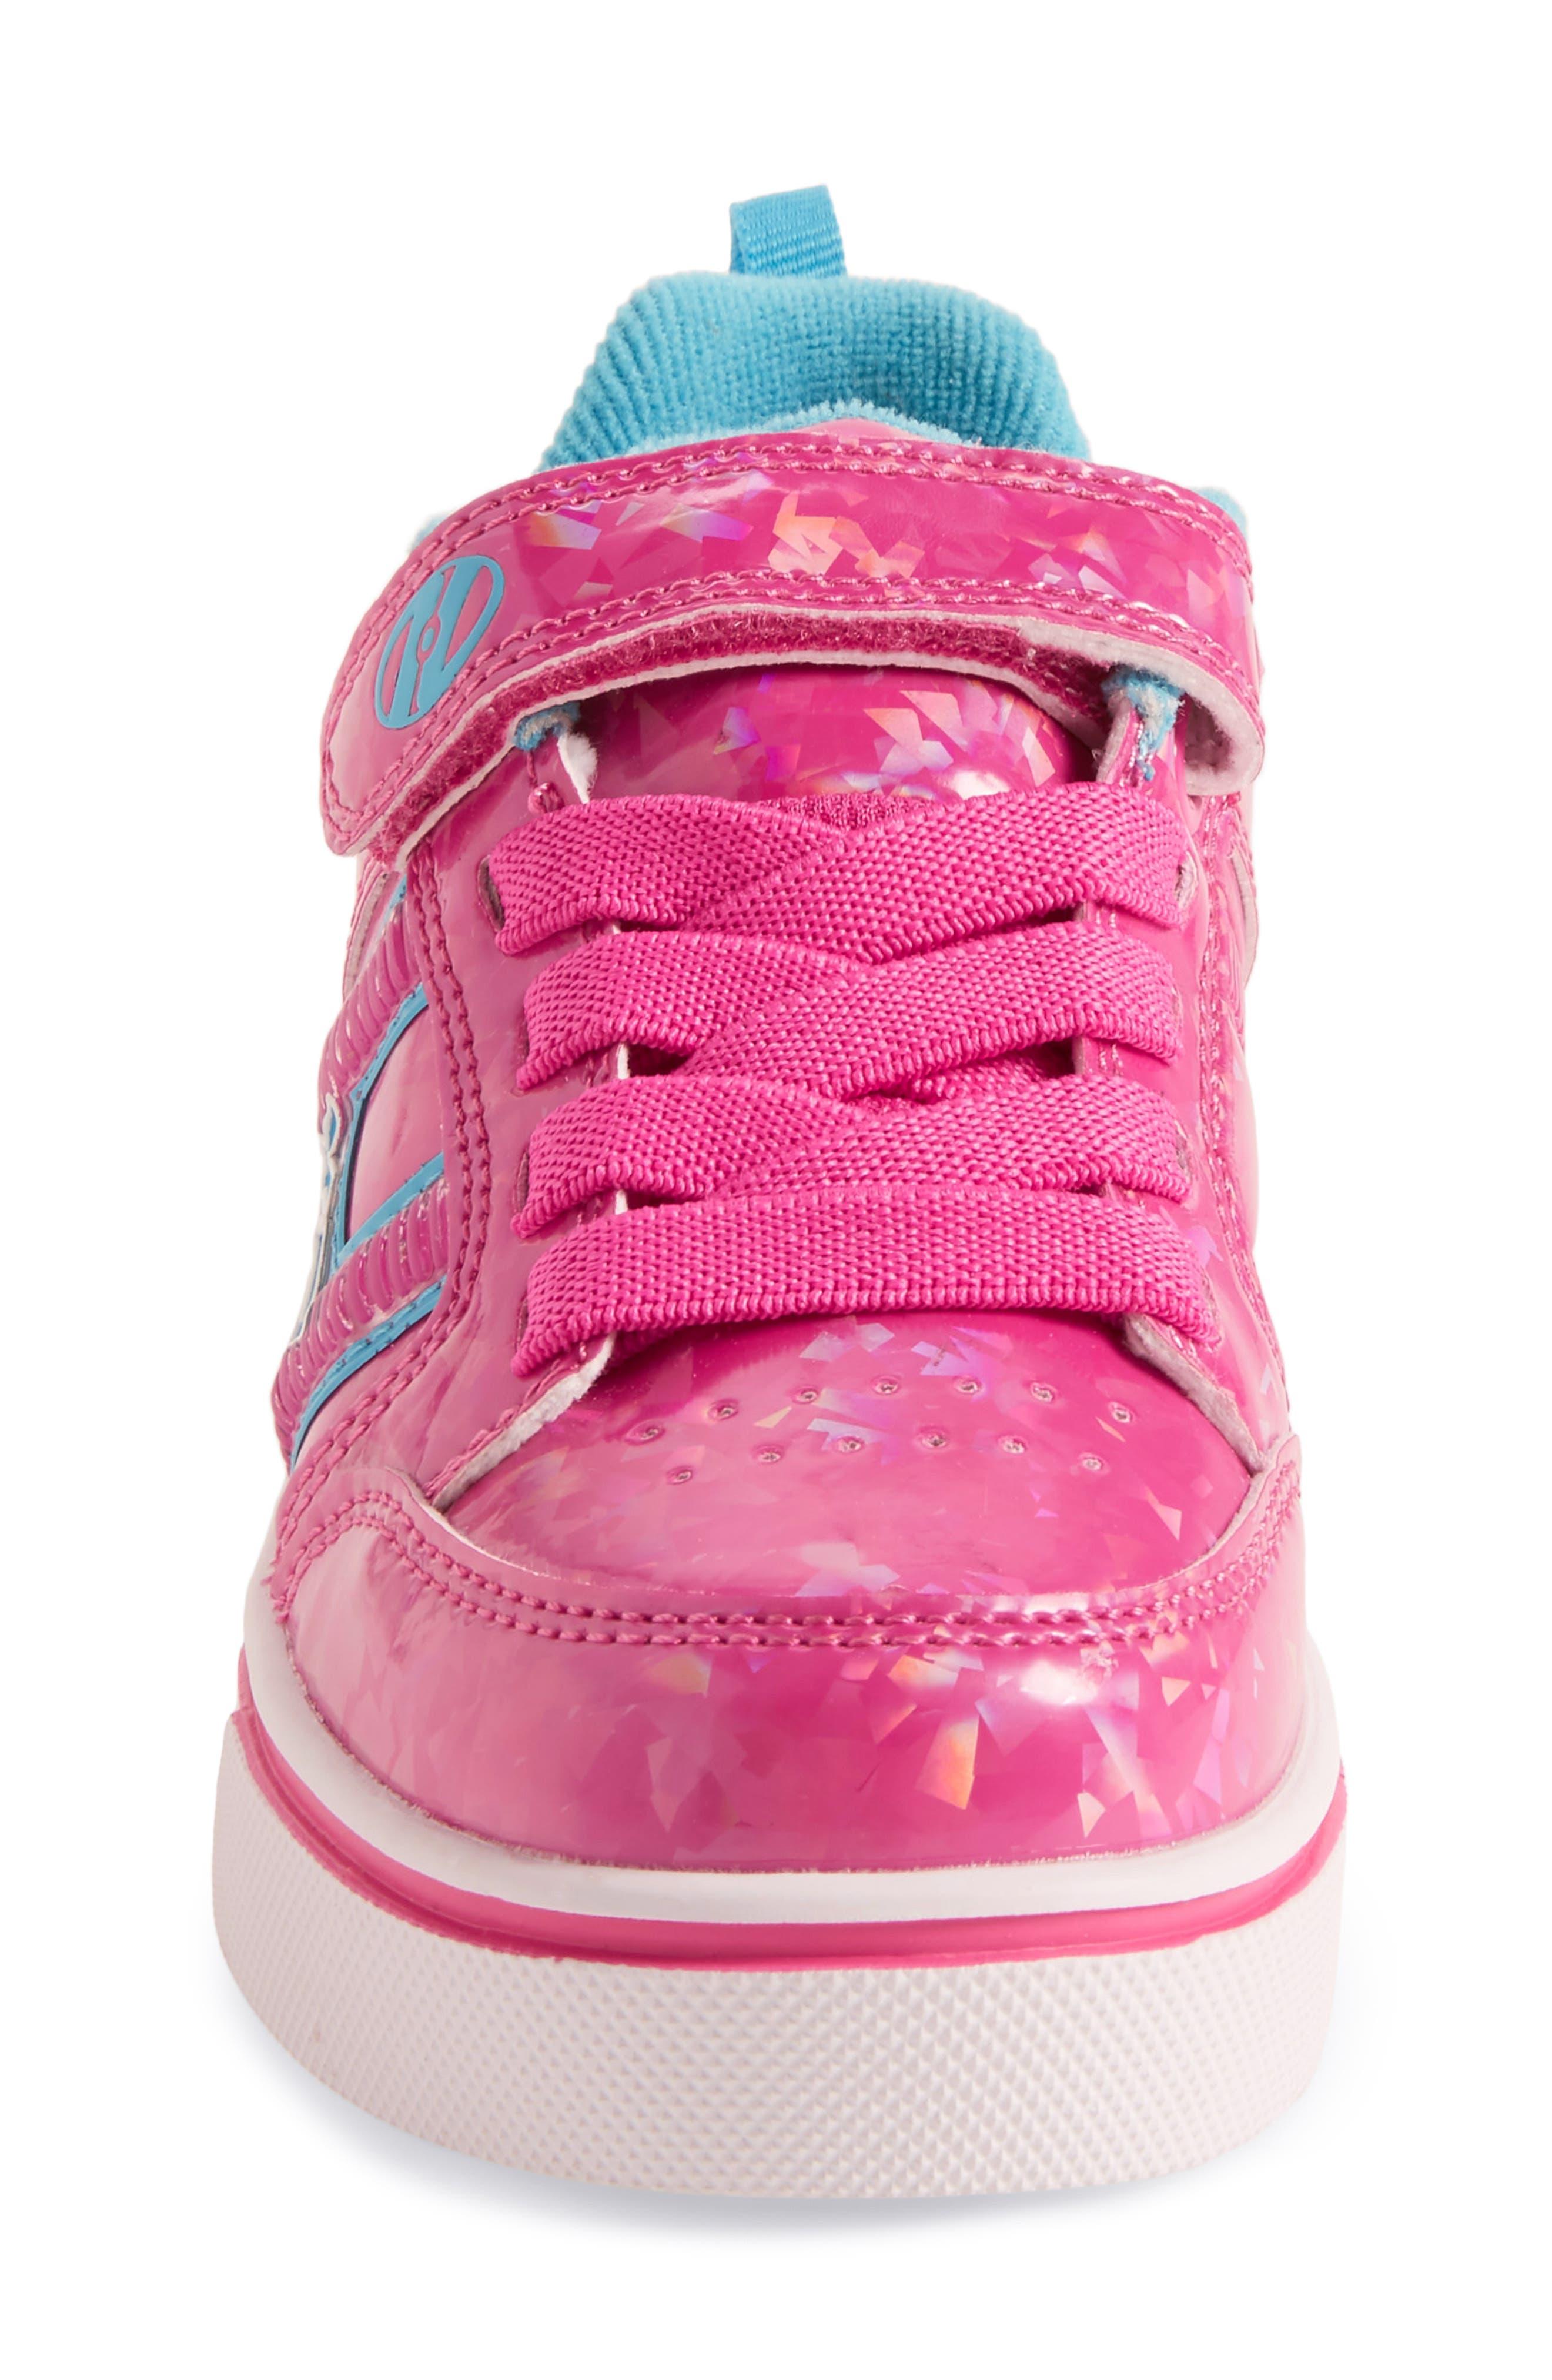 Alternate Image 4  - Heelys Bolt Plus X2 Light-Up Skate Sneaker (Toddler, Little Kid & Big Kid)